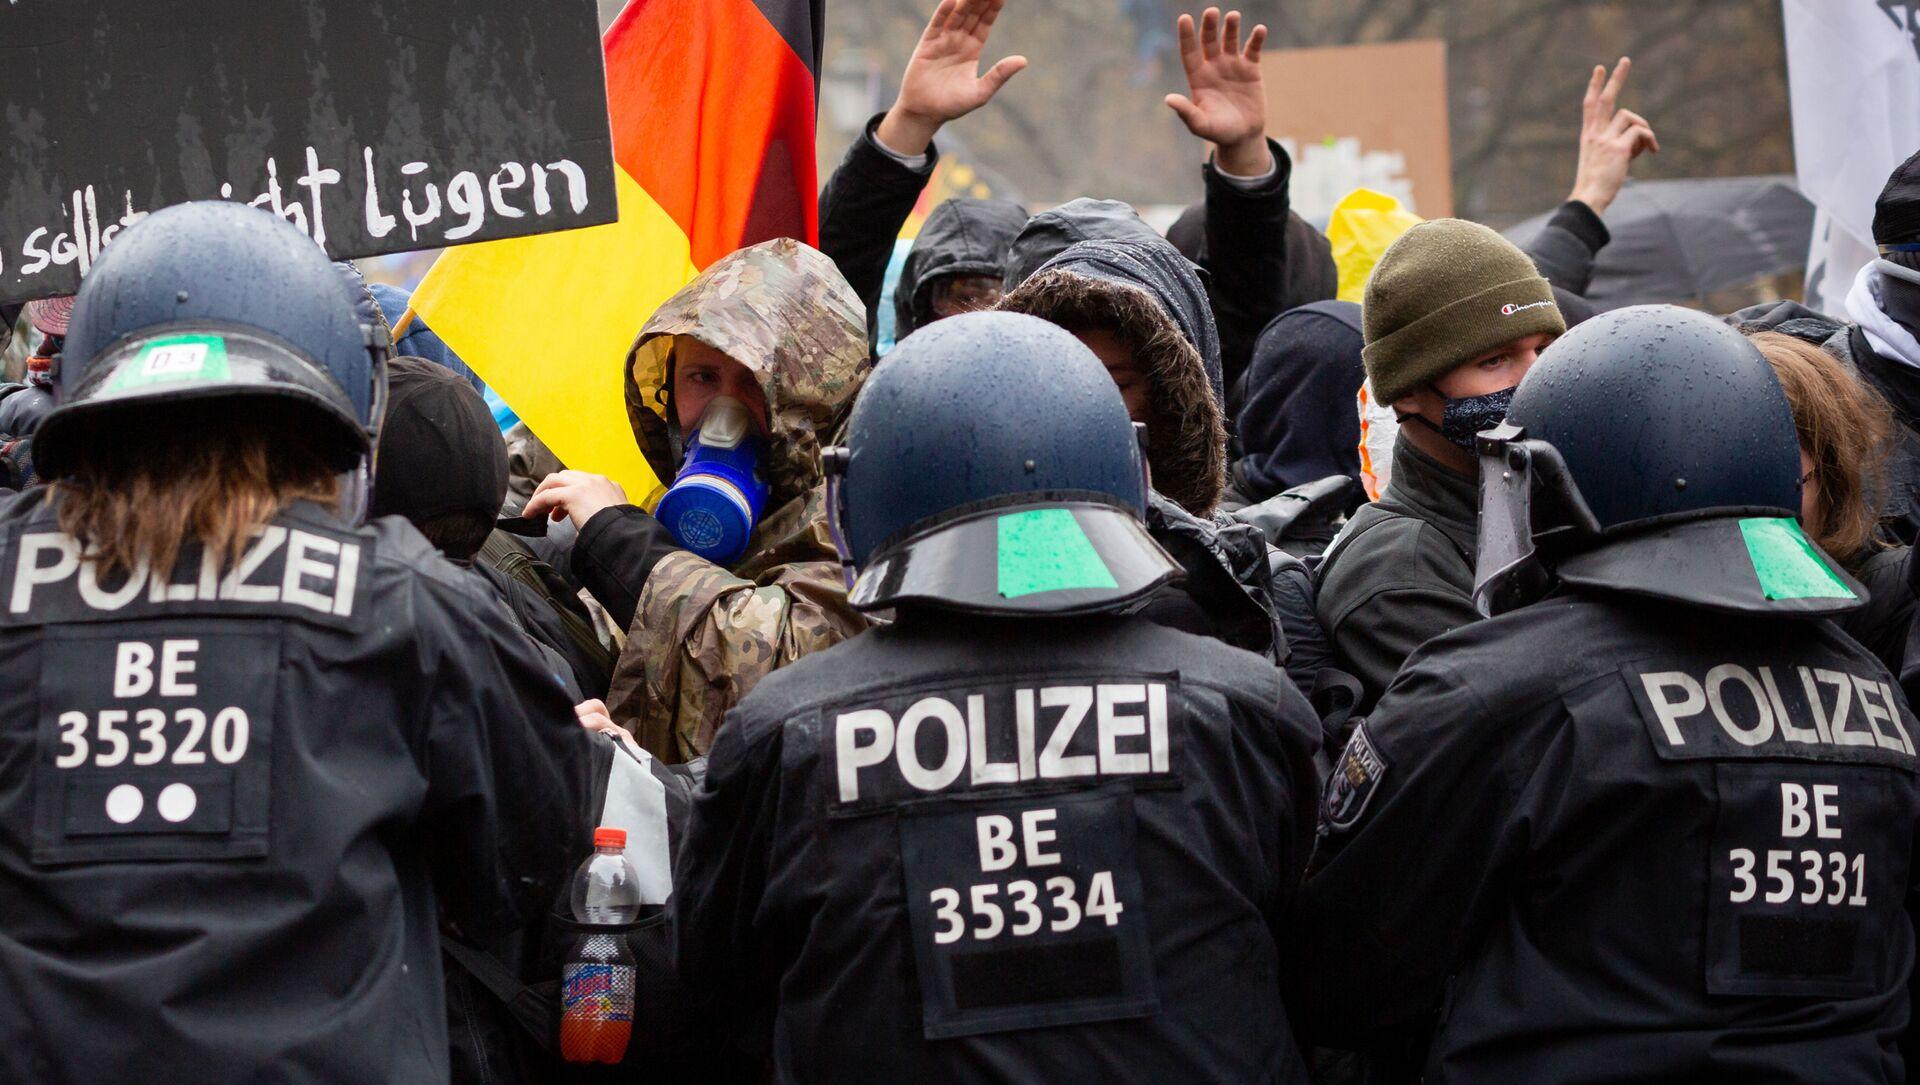 Scontri tra polizia e manifestanti durante le proteste anti-Covid in Germania - Sputnik Italia, 1920, 18.05.2021